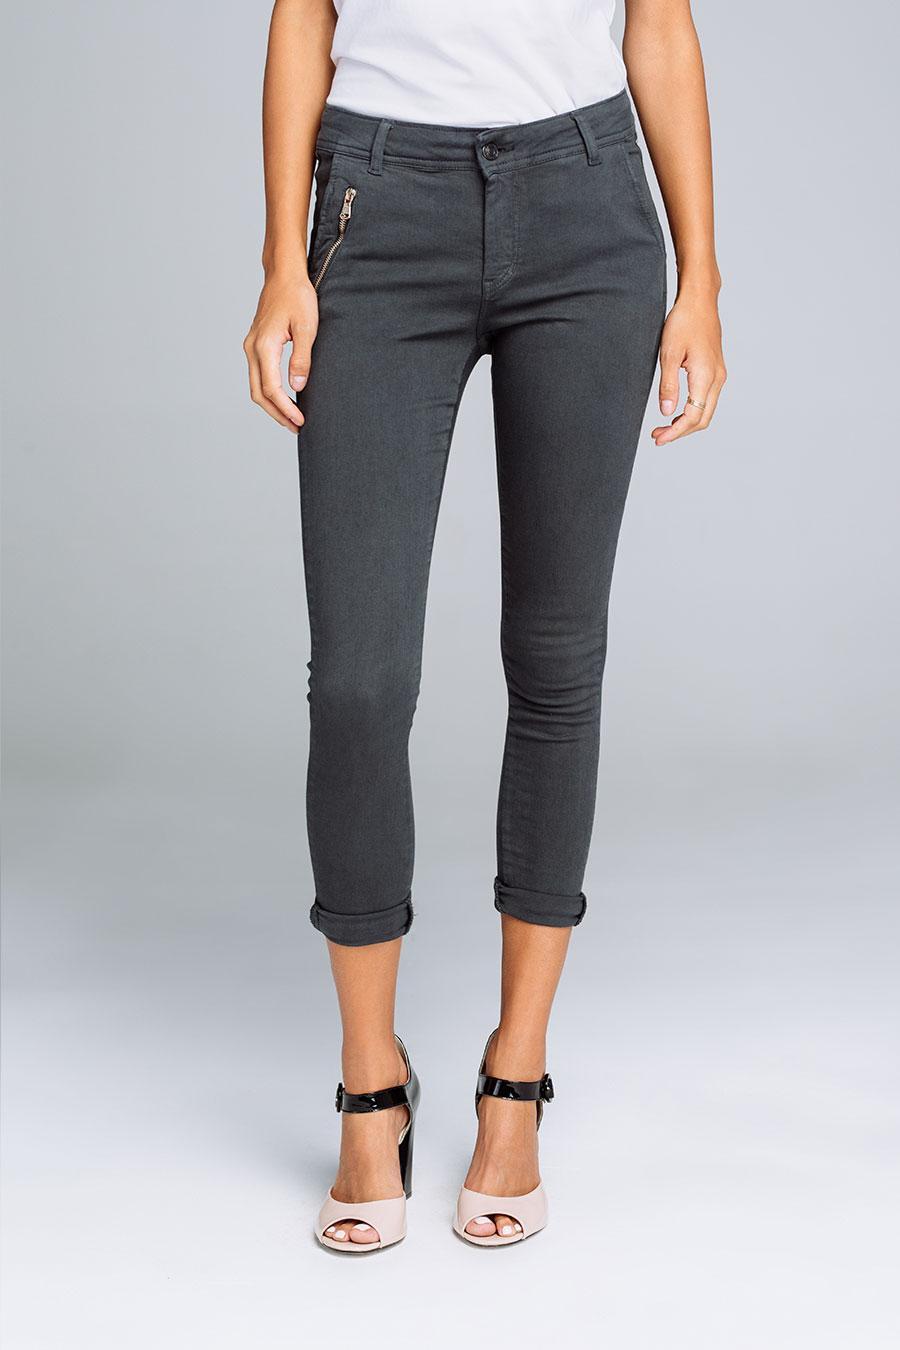 Online Shop Jagger Brand Zenske Pantalone Jg 1133 05 Jesen Zima 2020 2021 01